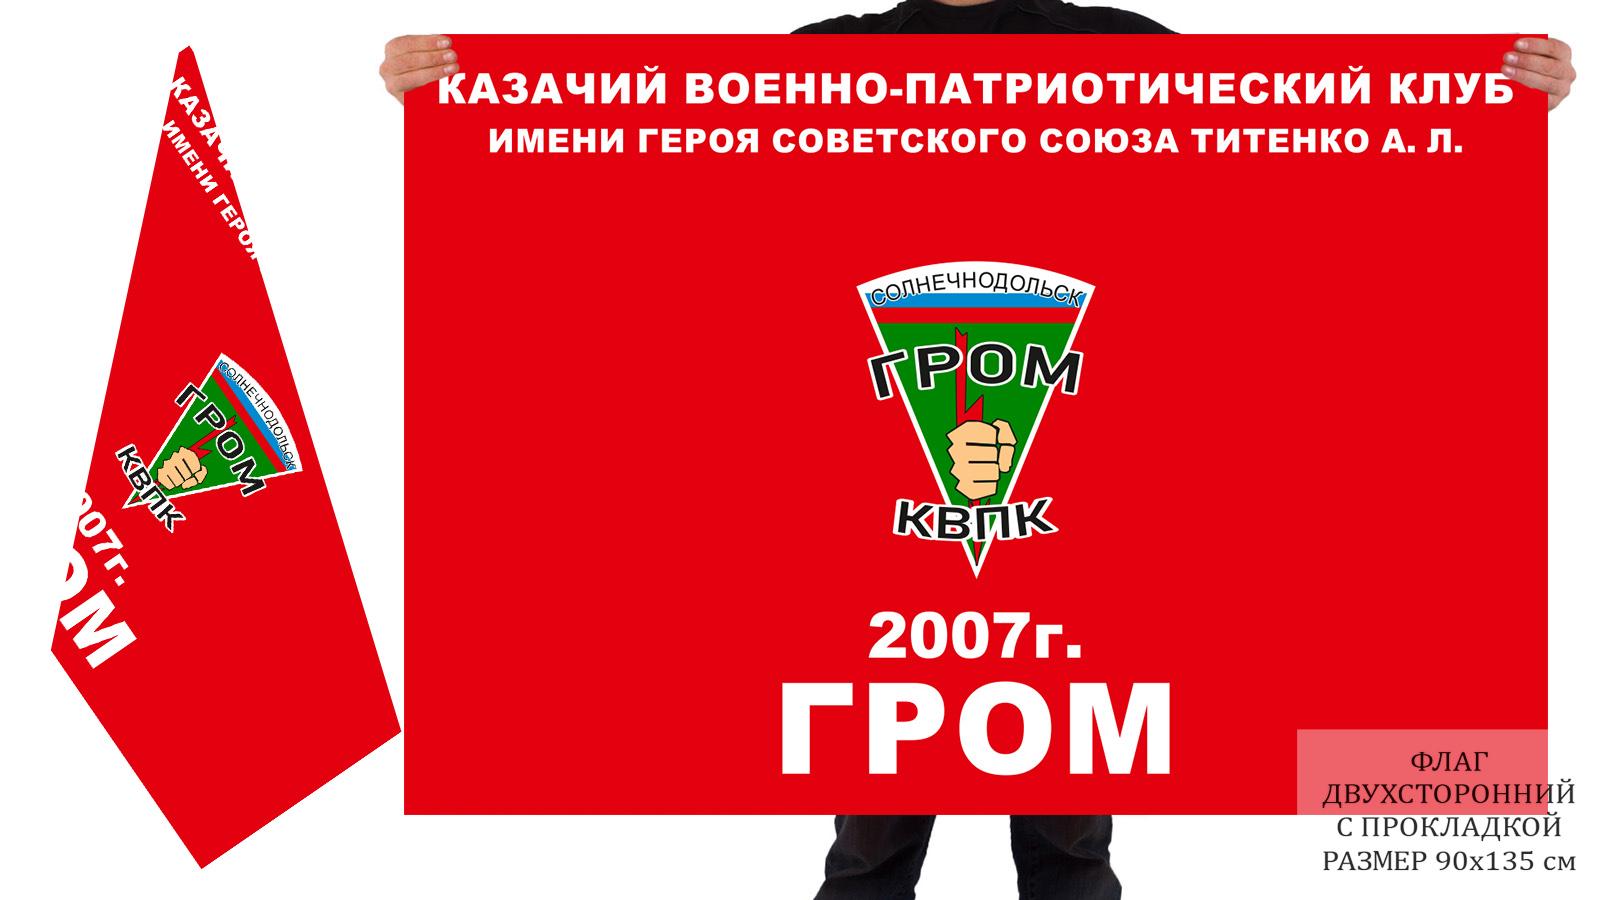 Двусторонний флаг КВПК Гром